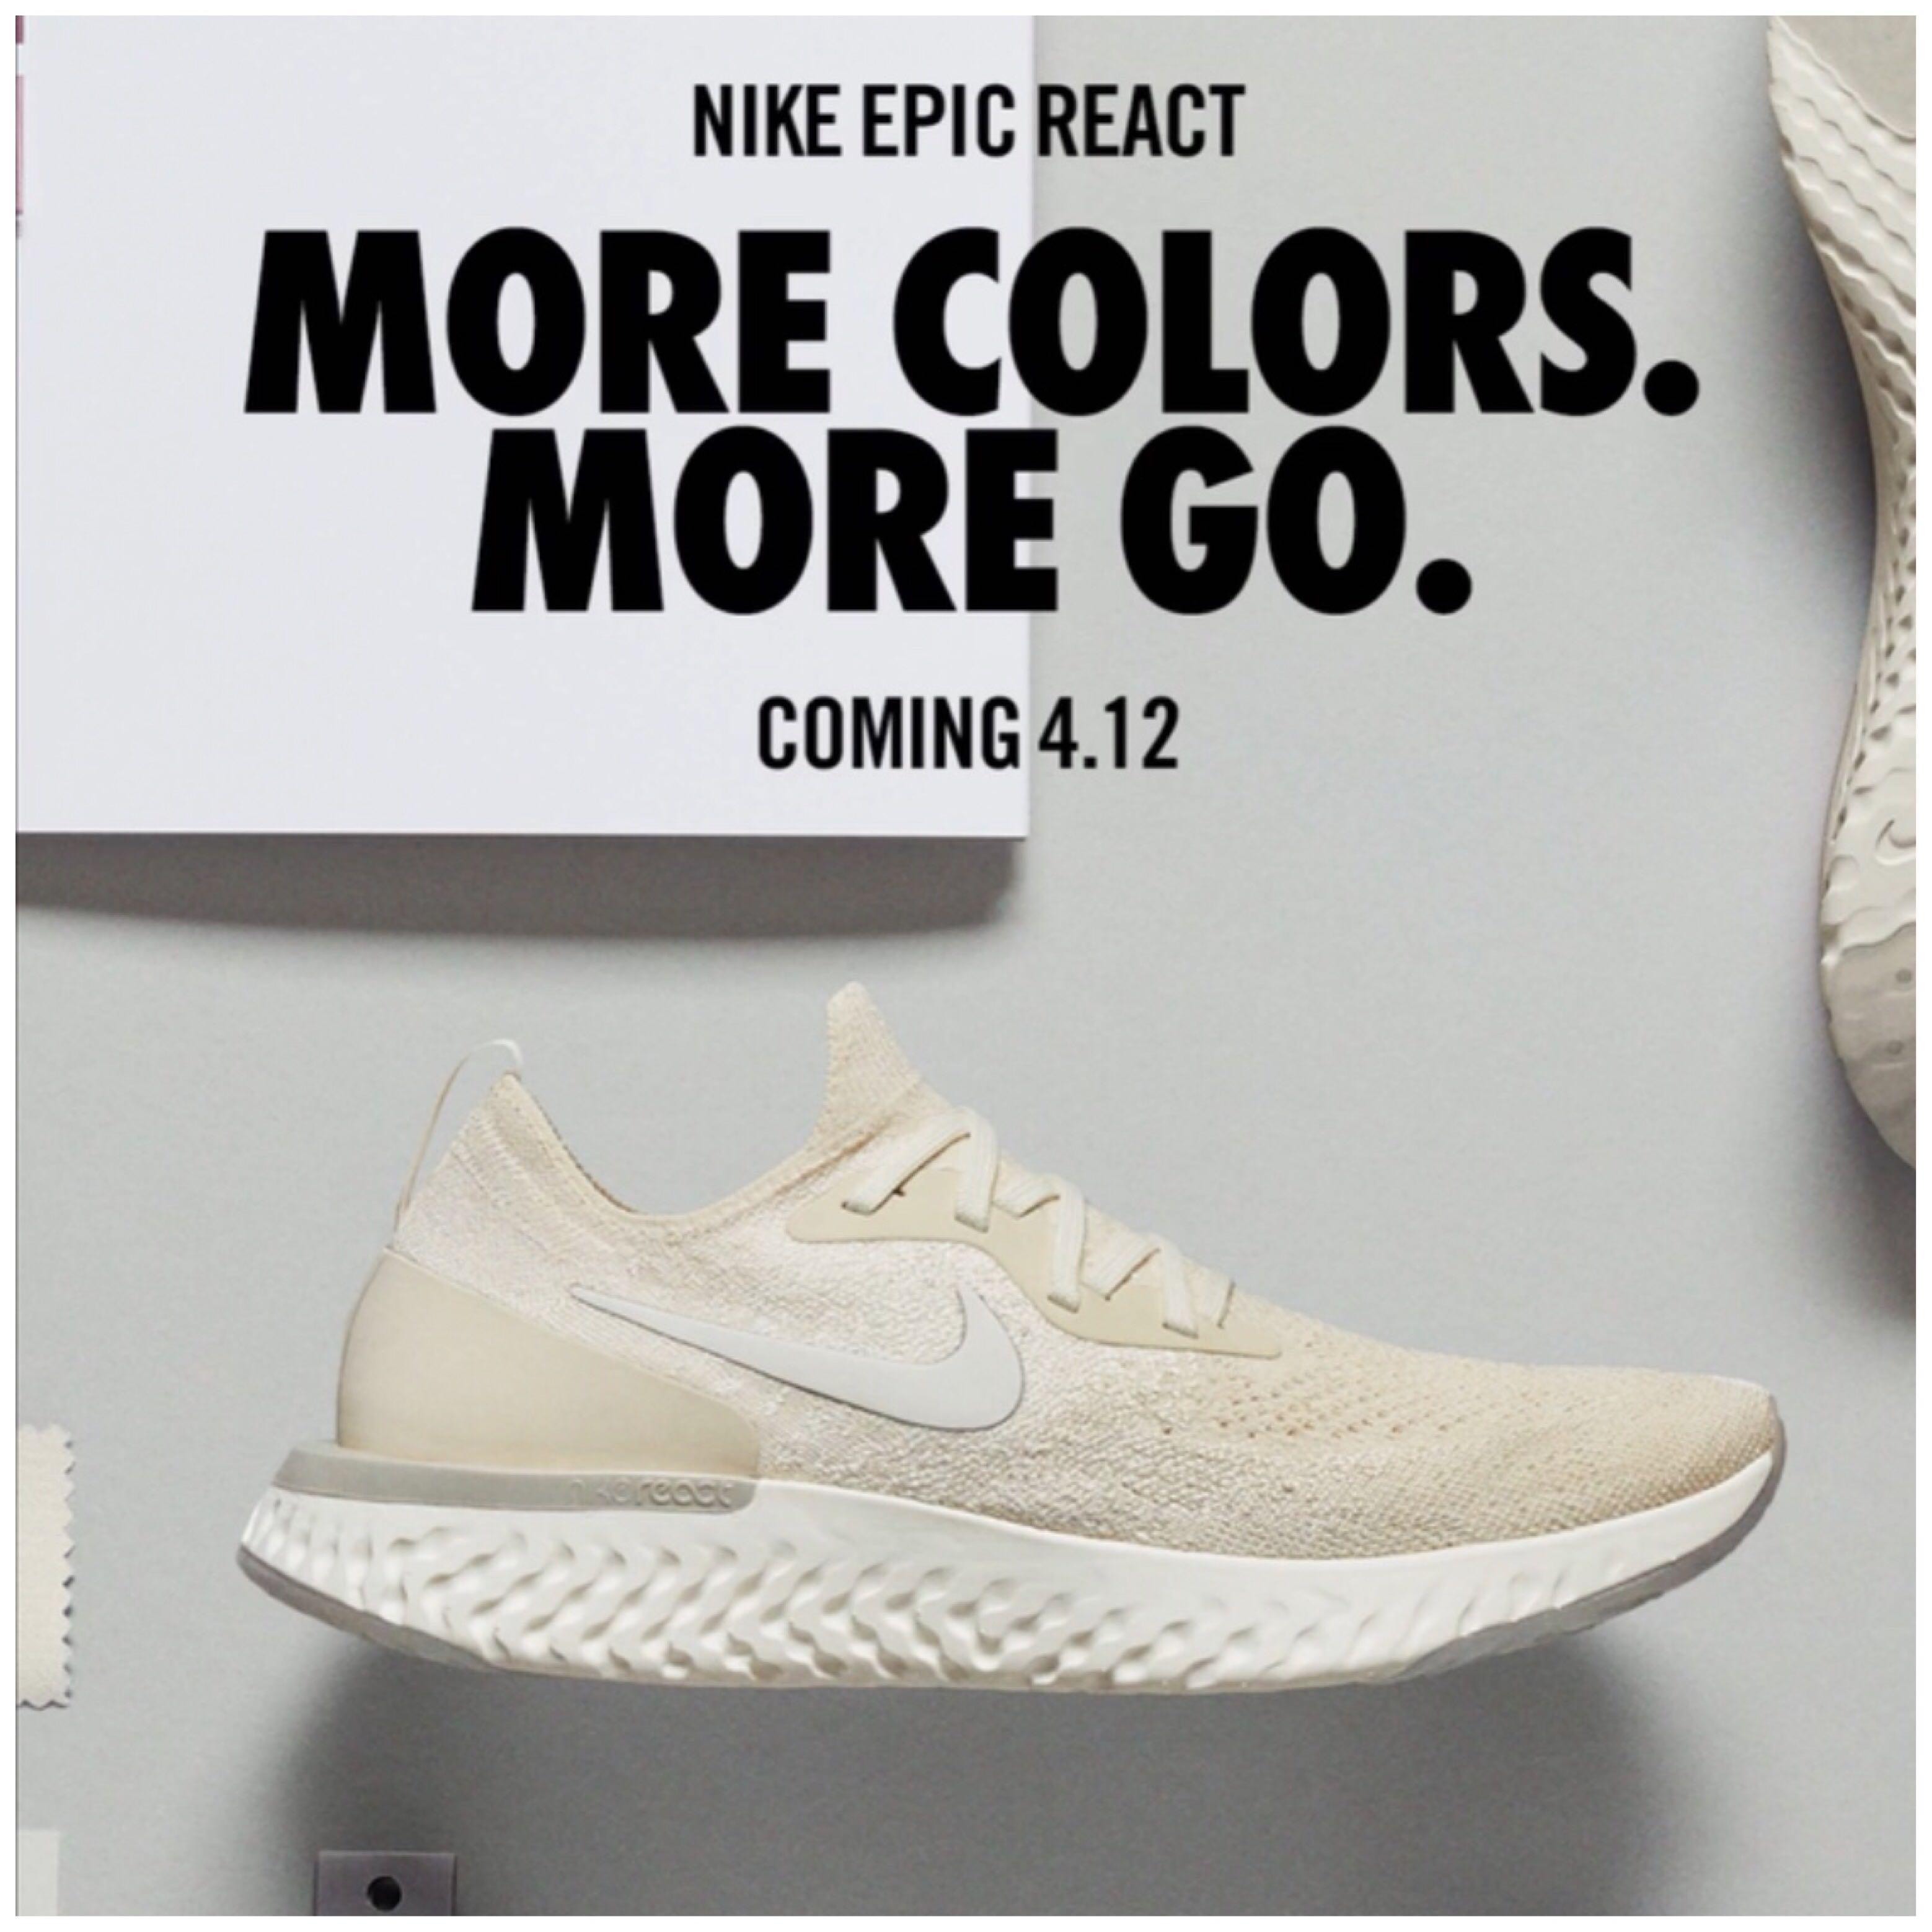 الركود توديع فراق بموجب القانون Nike Epic React Fake Vs Real Amitie Franco Malgache Org